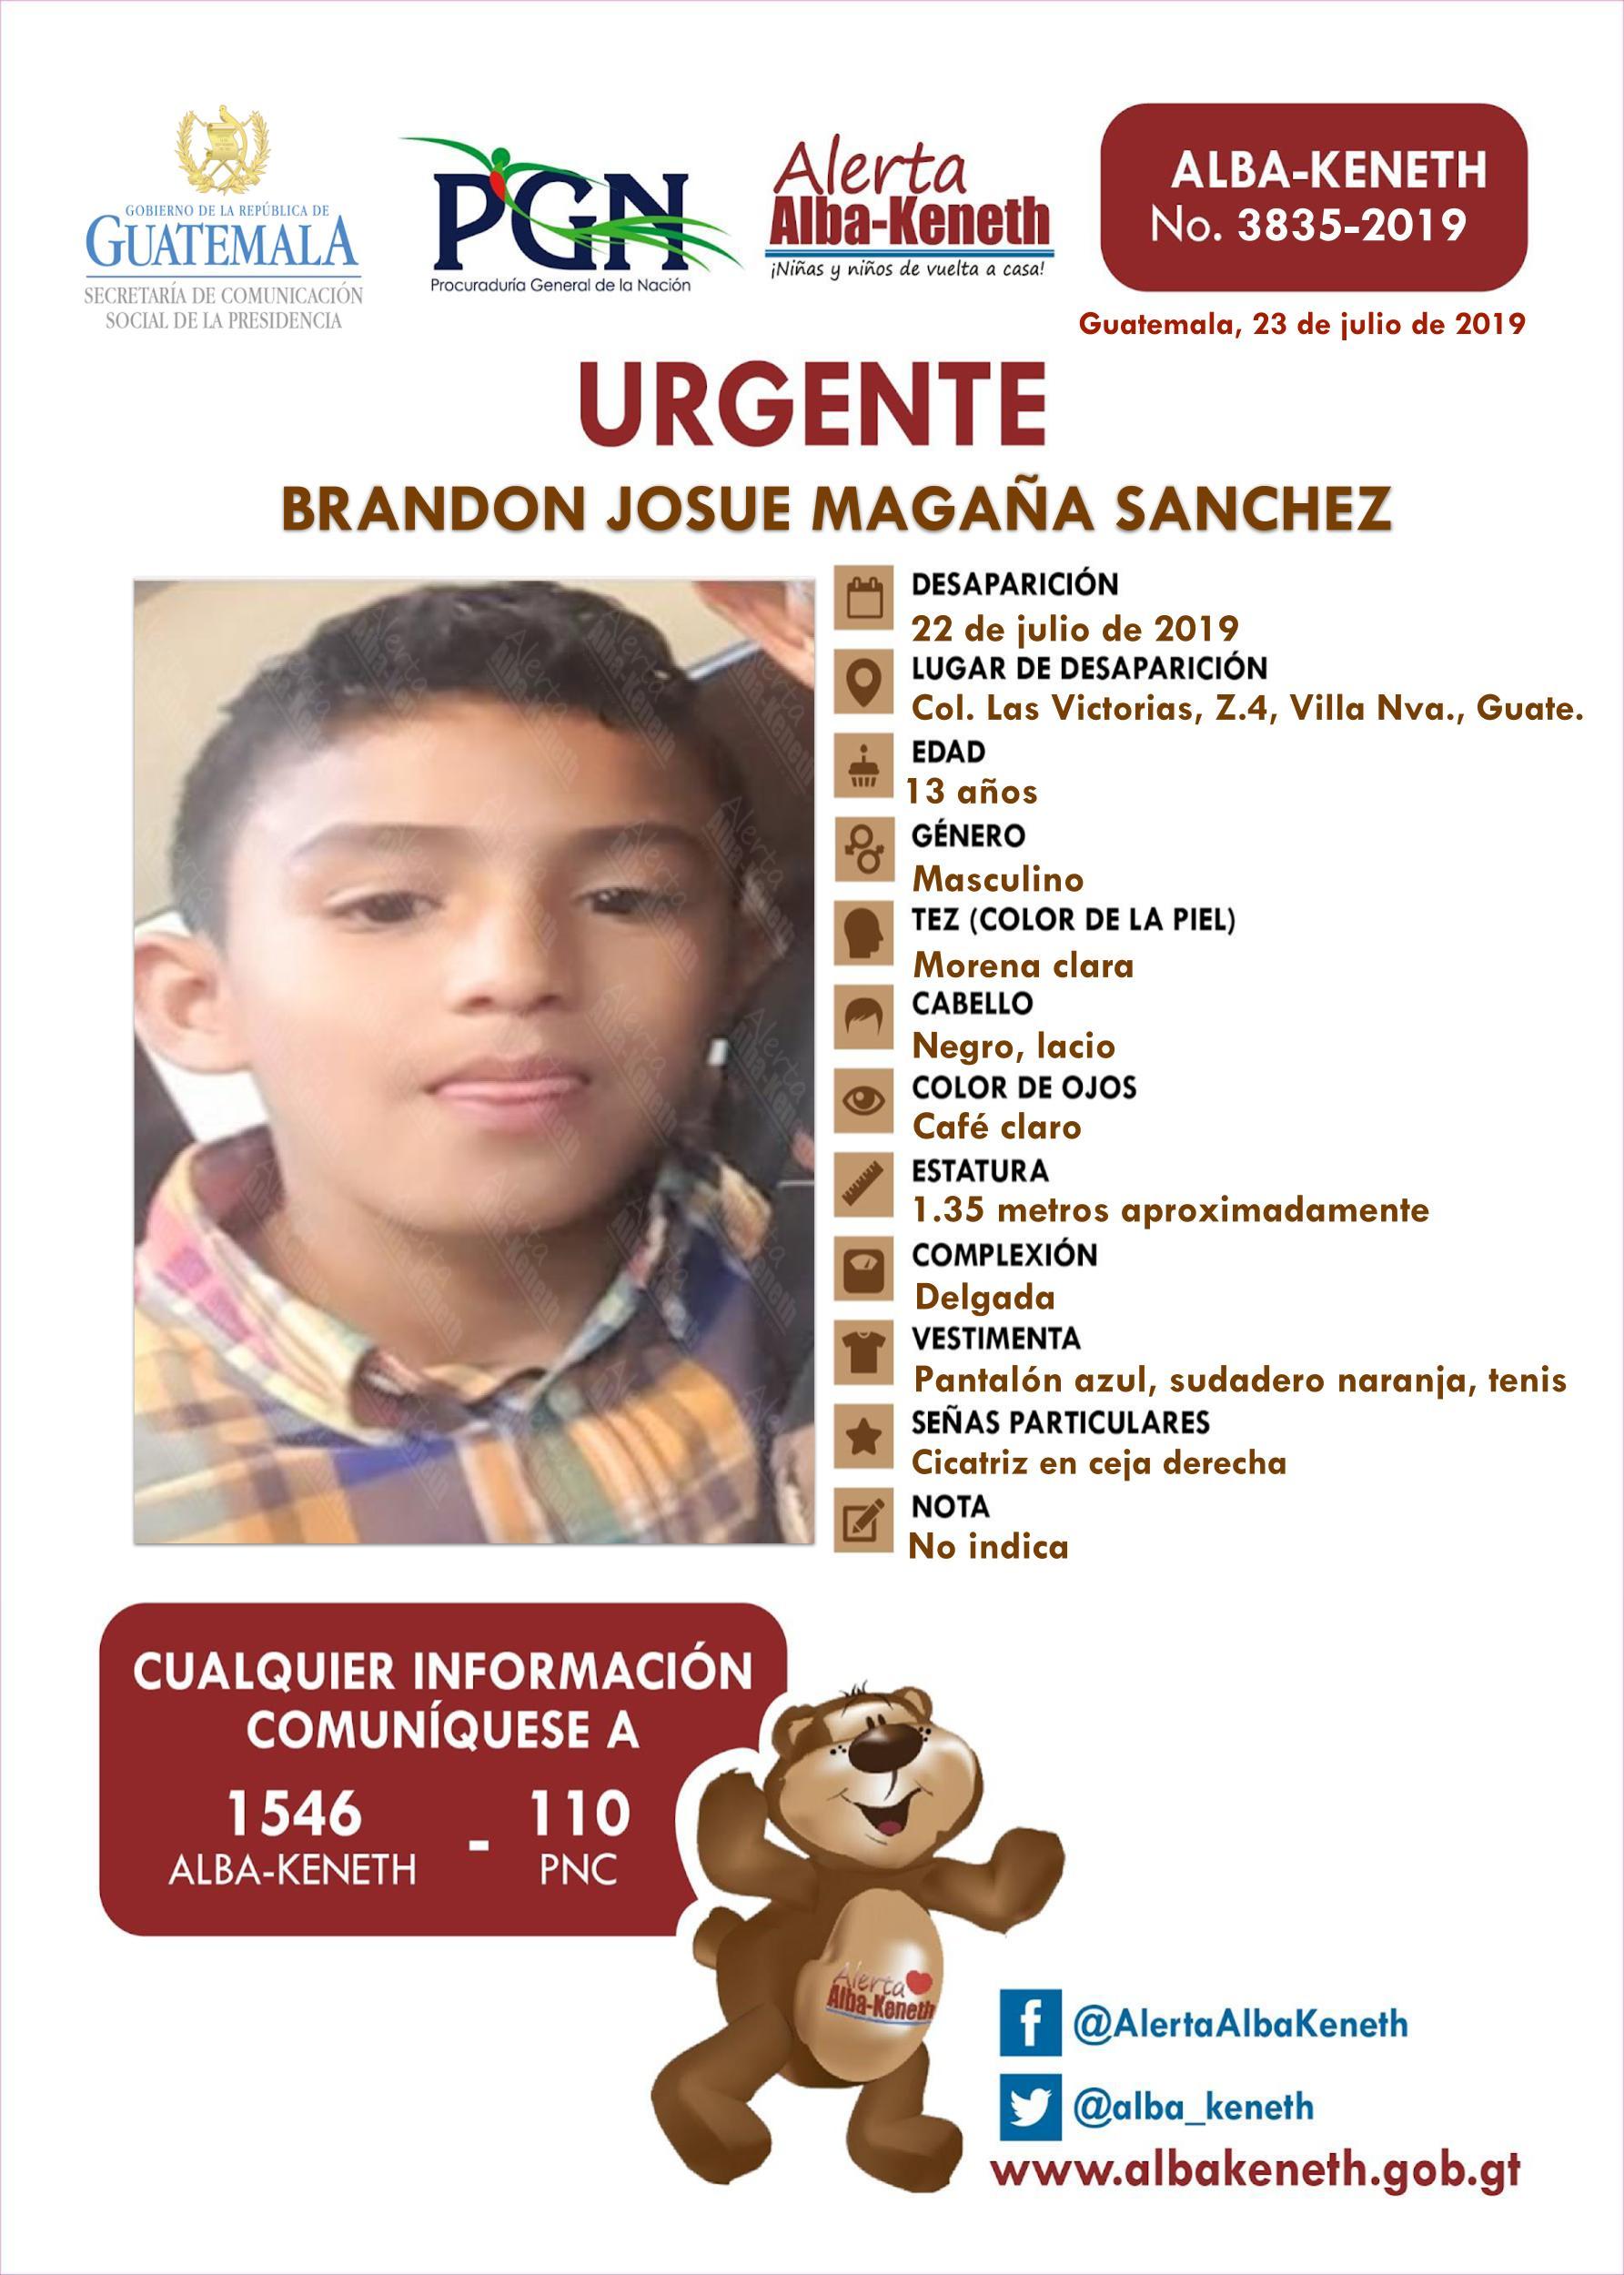 Brandon Josue Magaña Sanchez